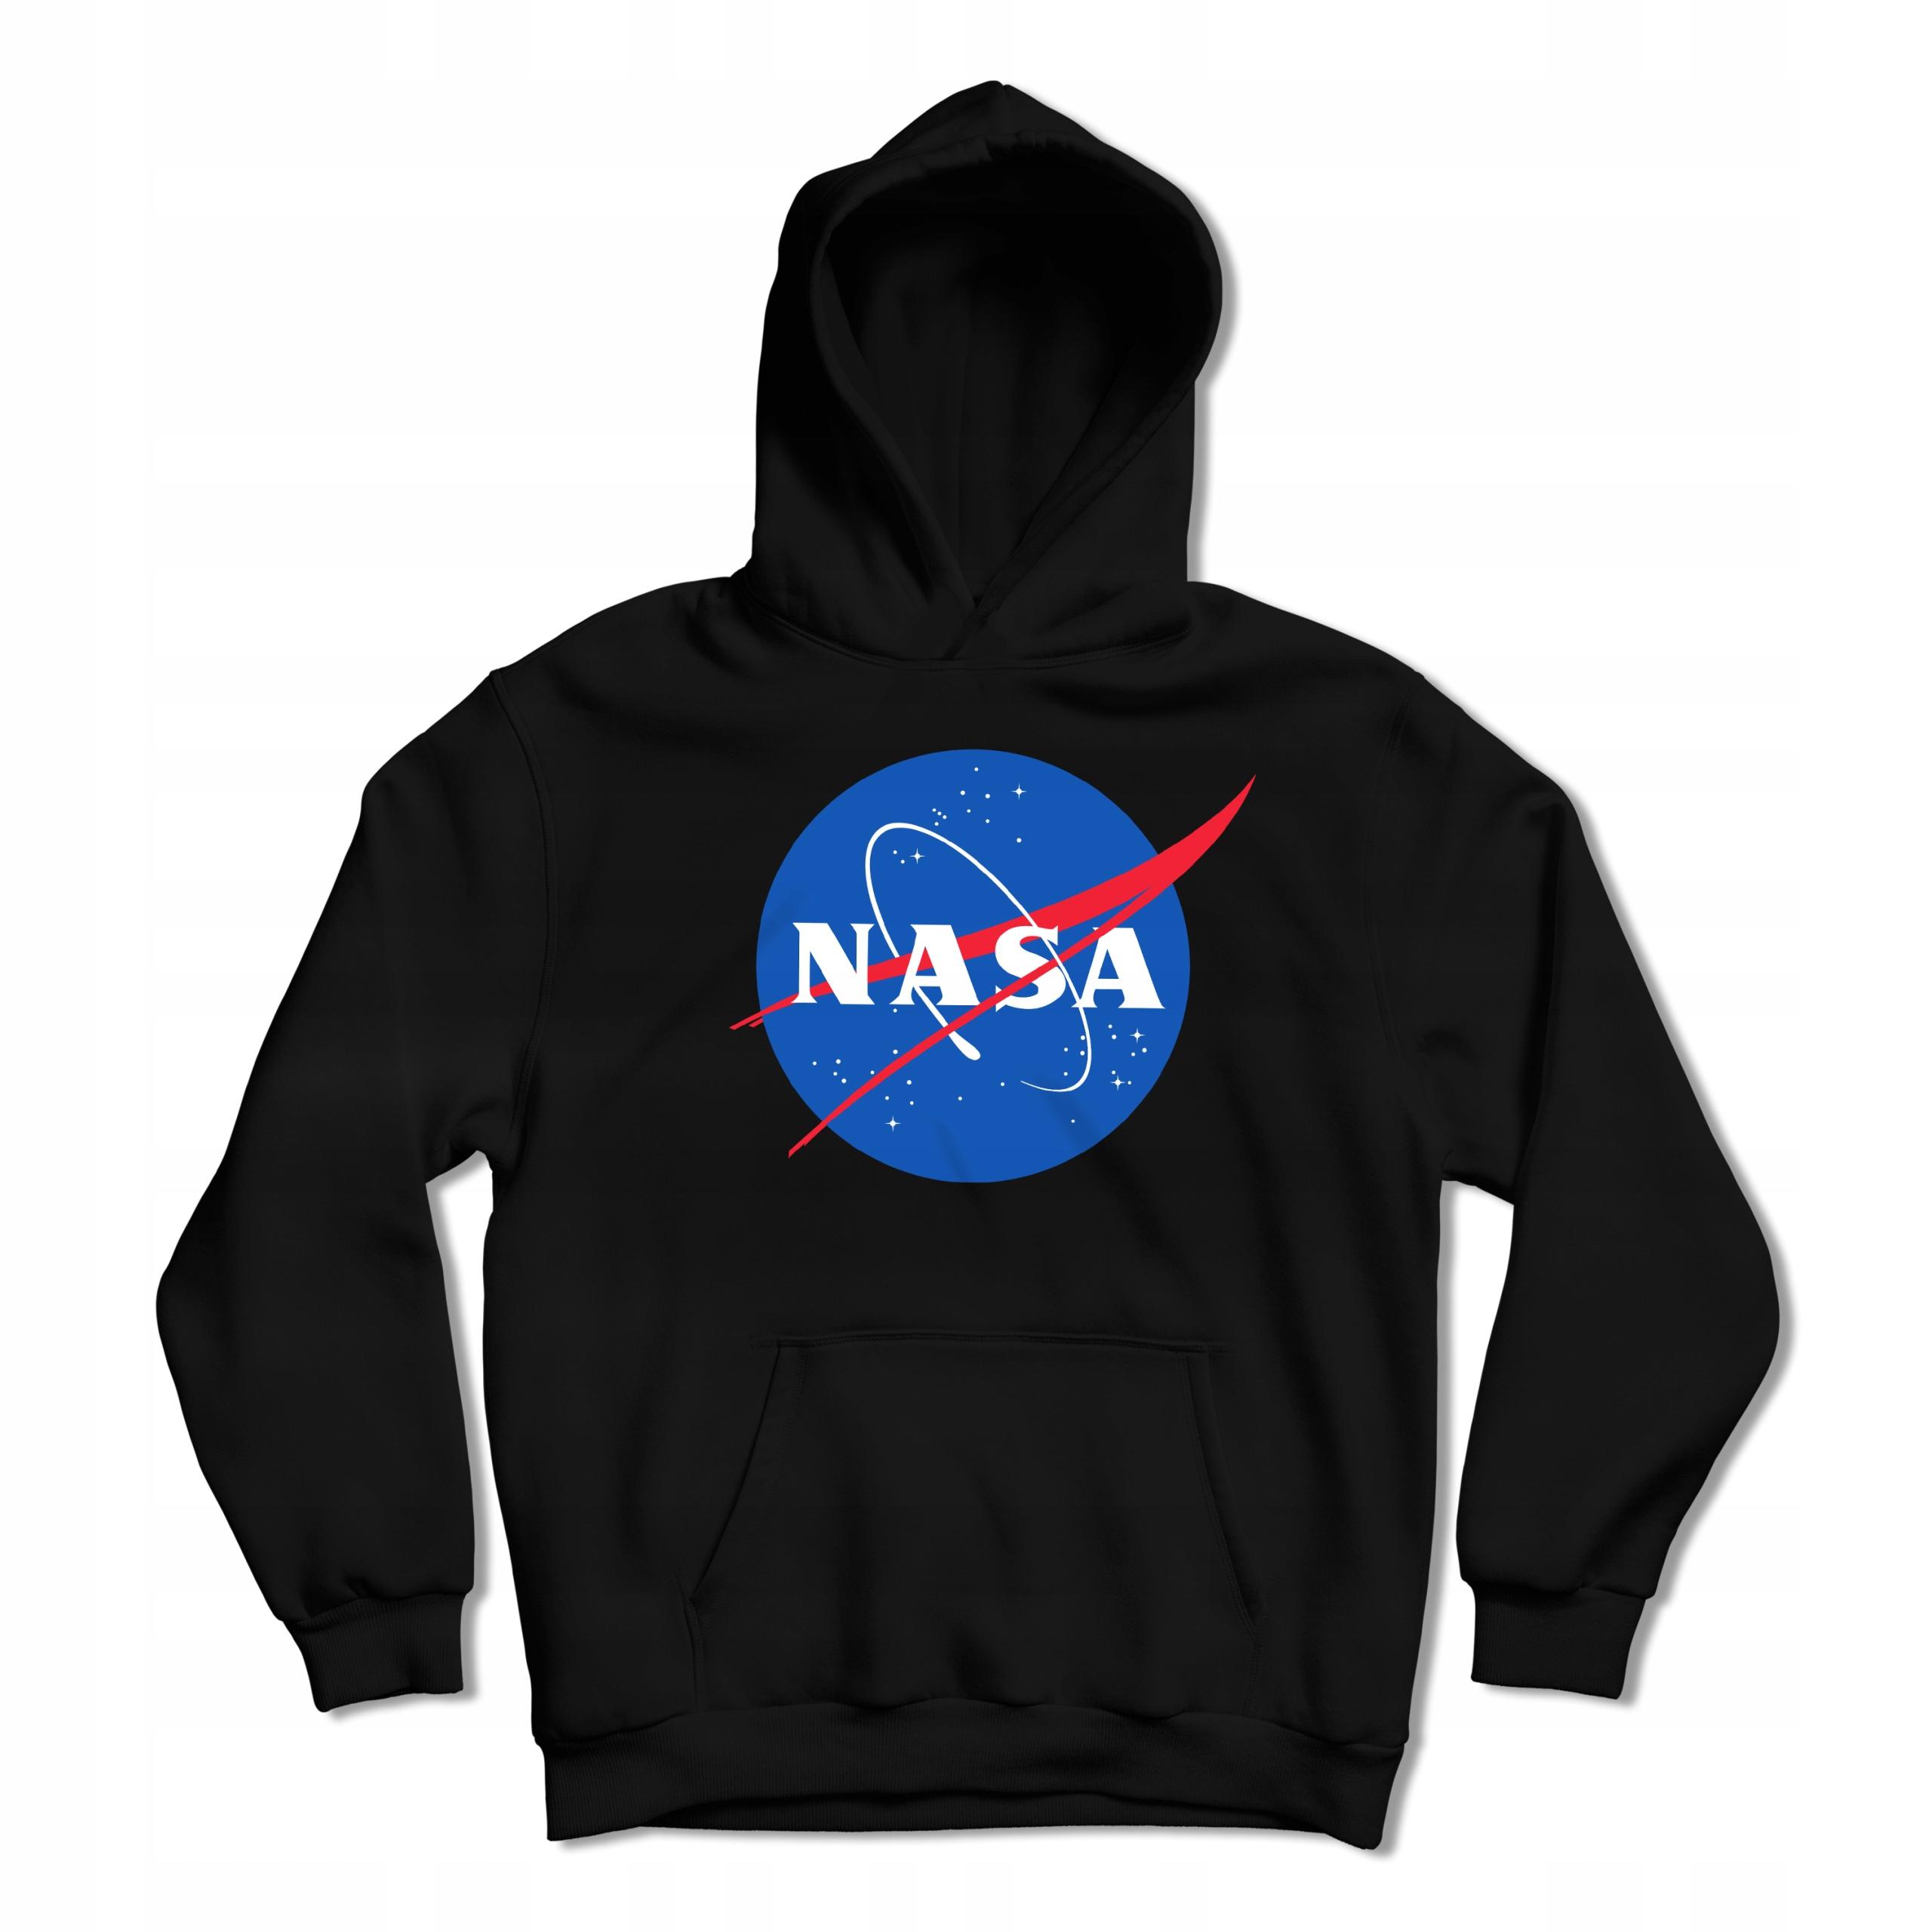 Детская толстовка NASA Размер подарка 152 12-13 лет